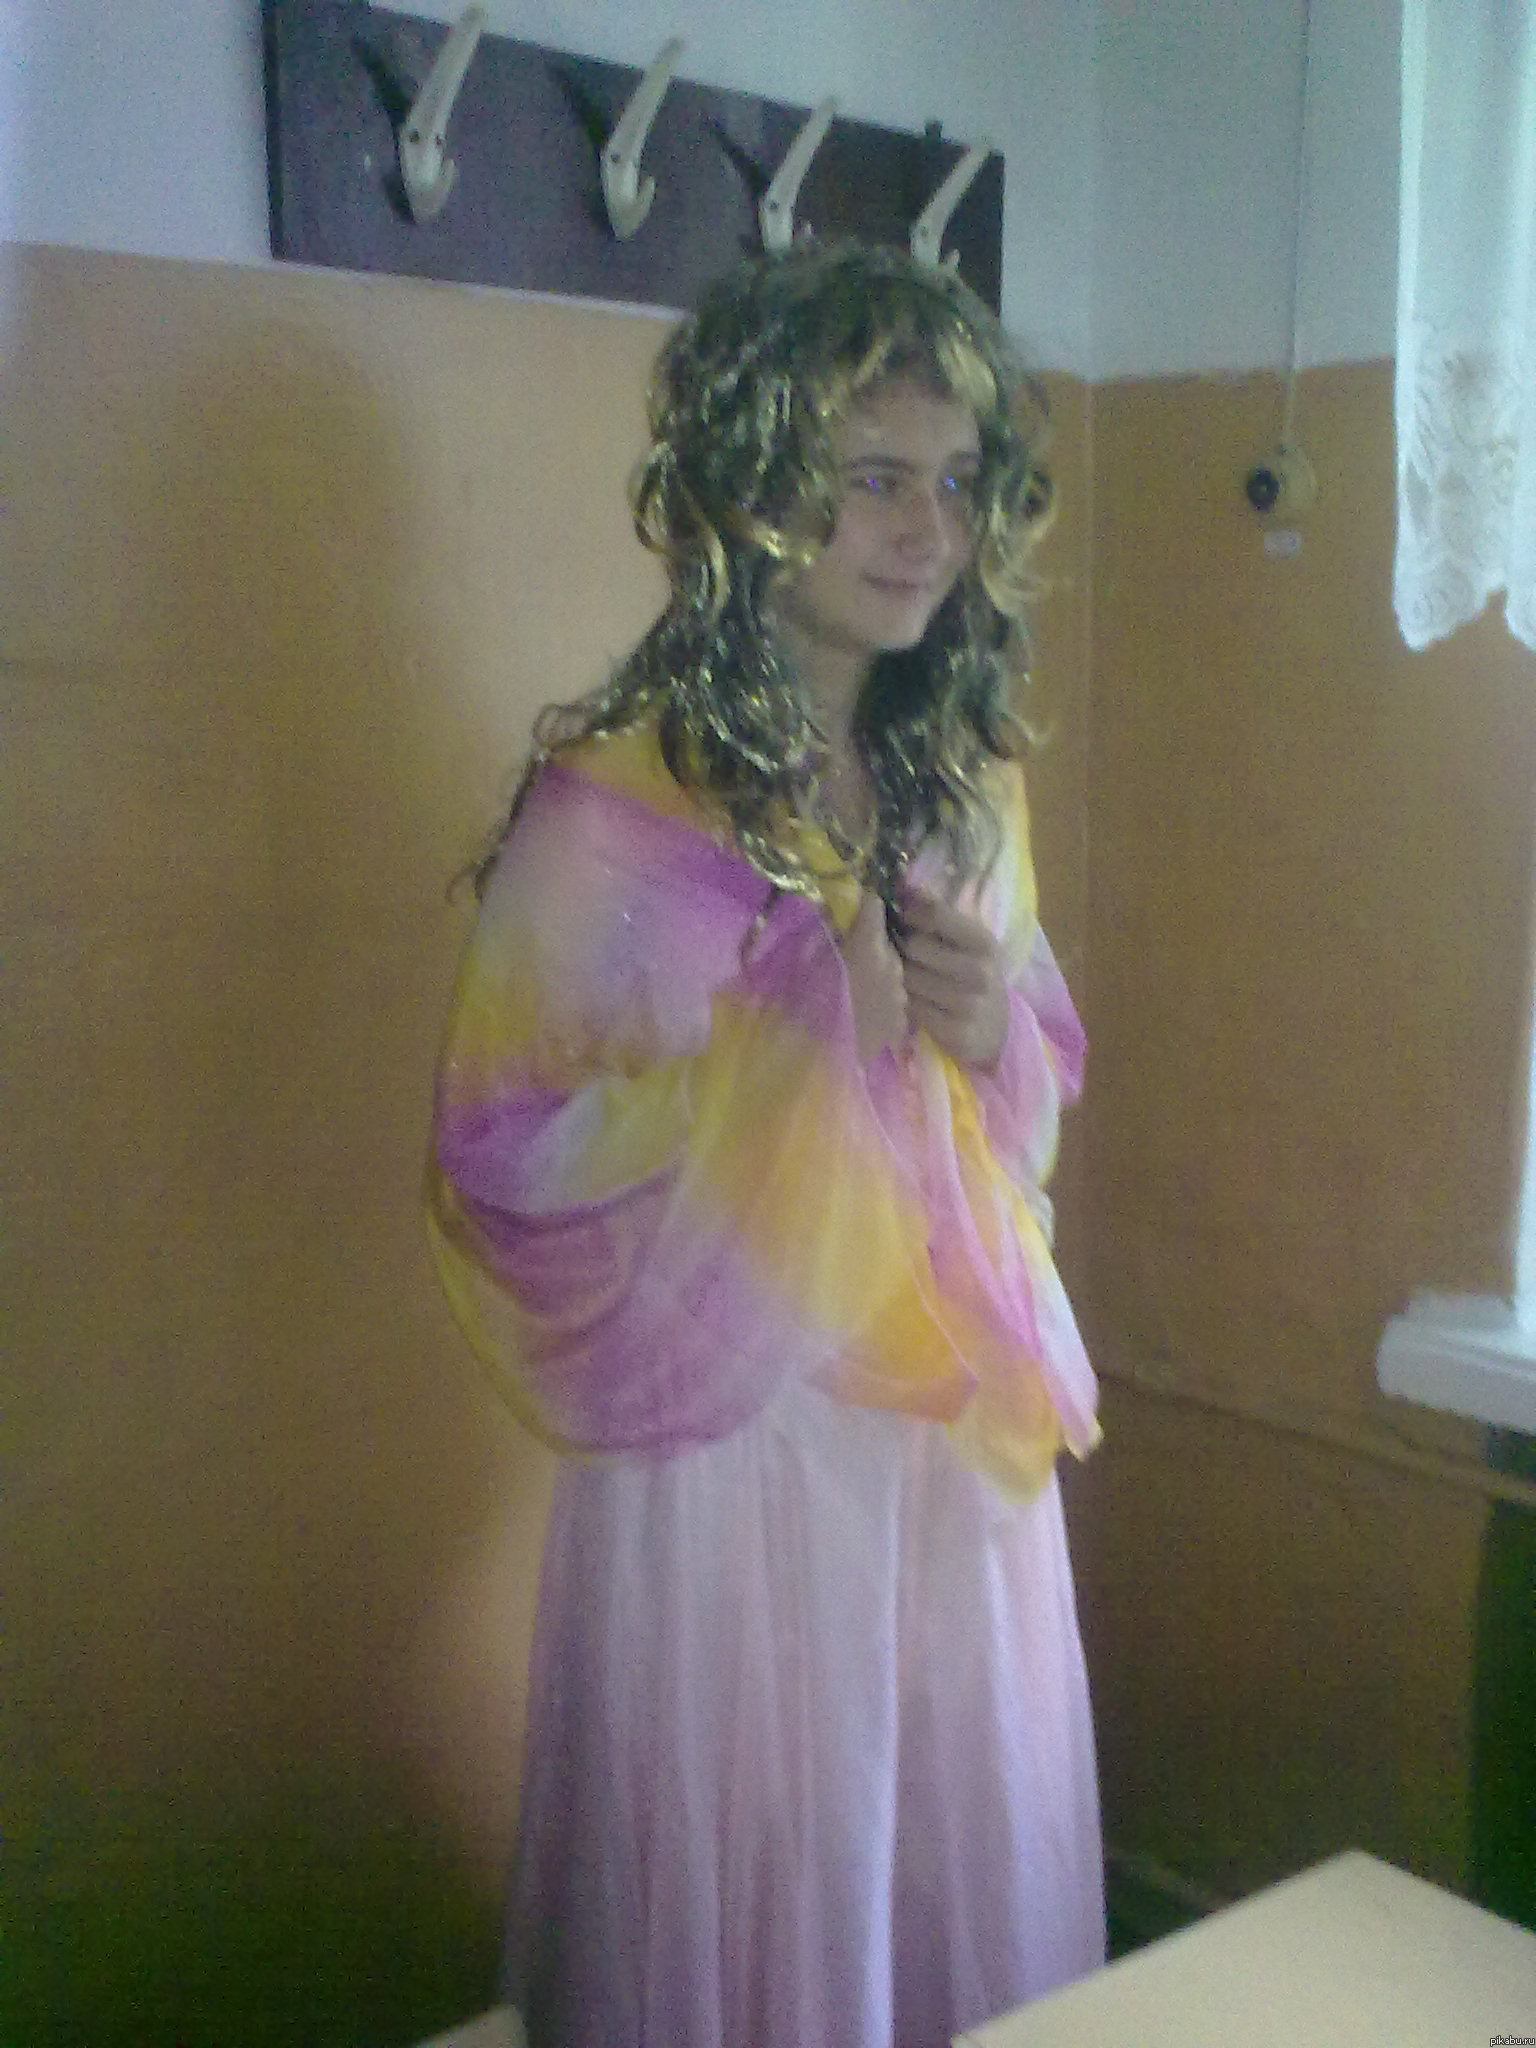 Мальчику насильно одели платье